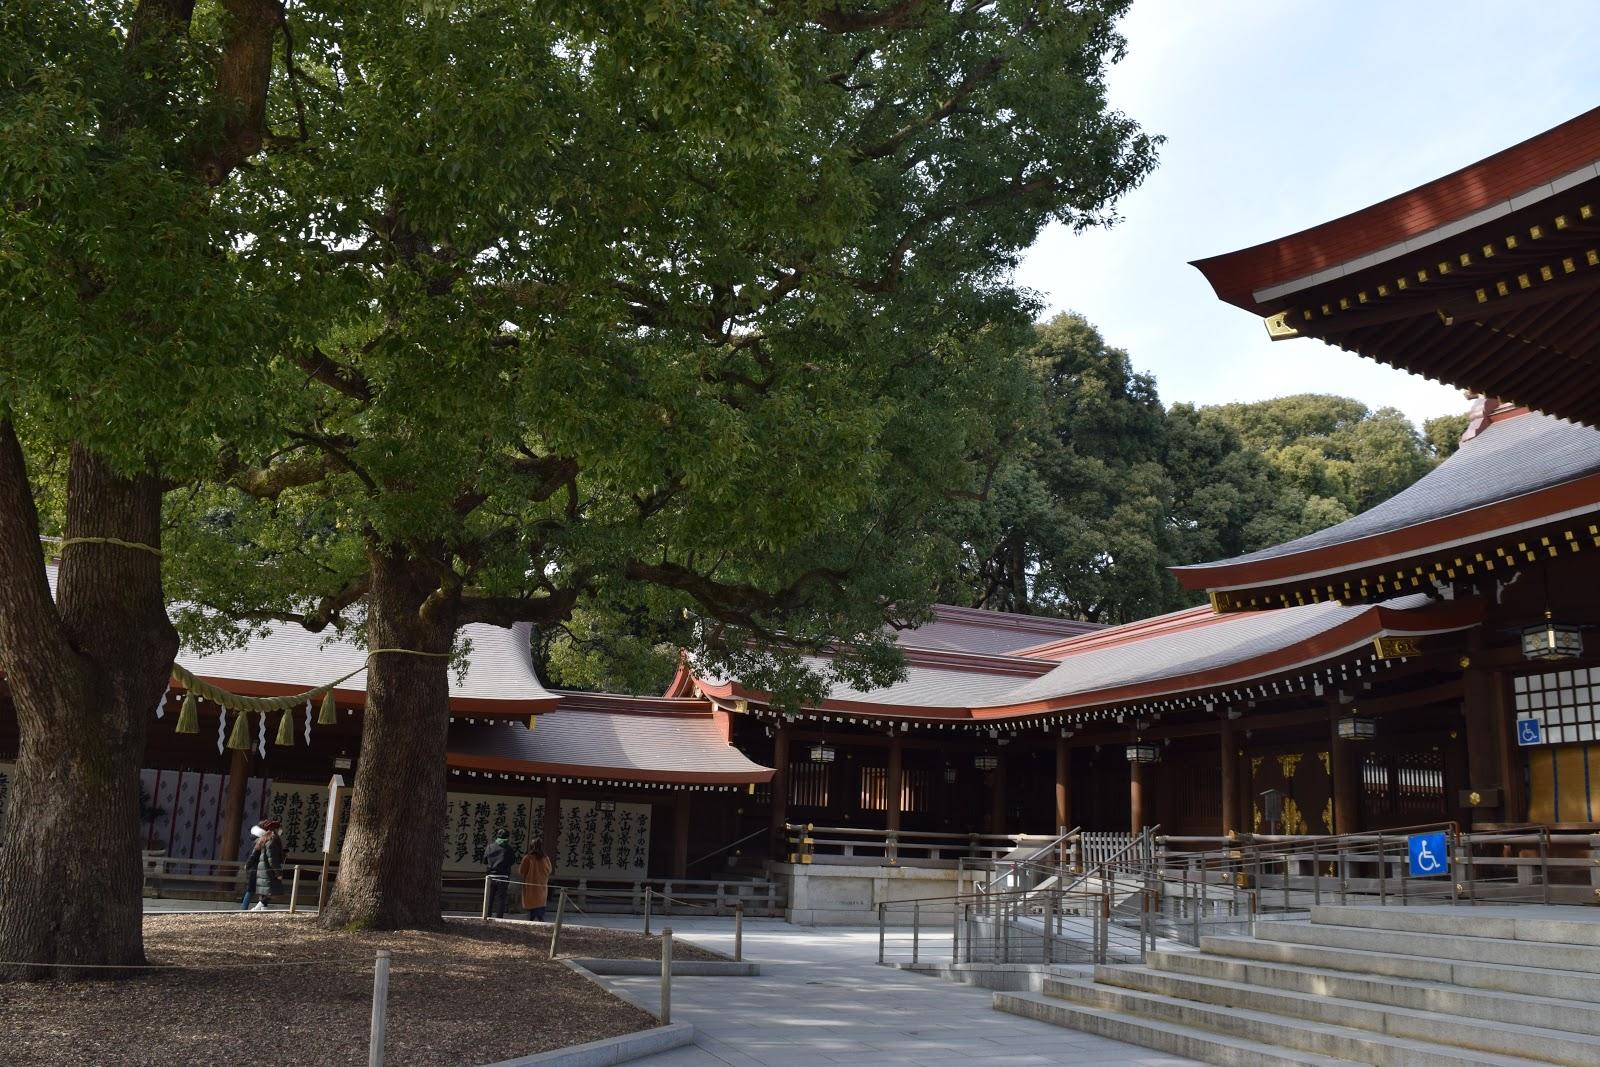 Meiji Jingu shrine in Shibuya